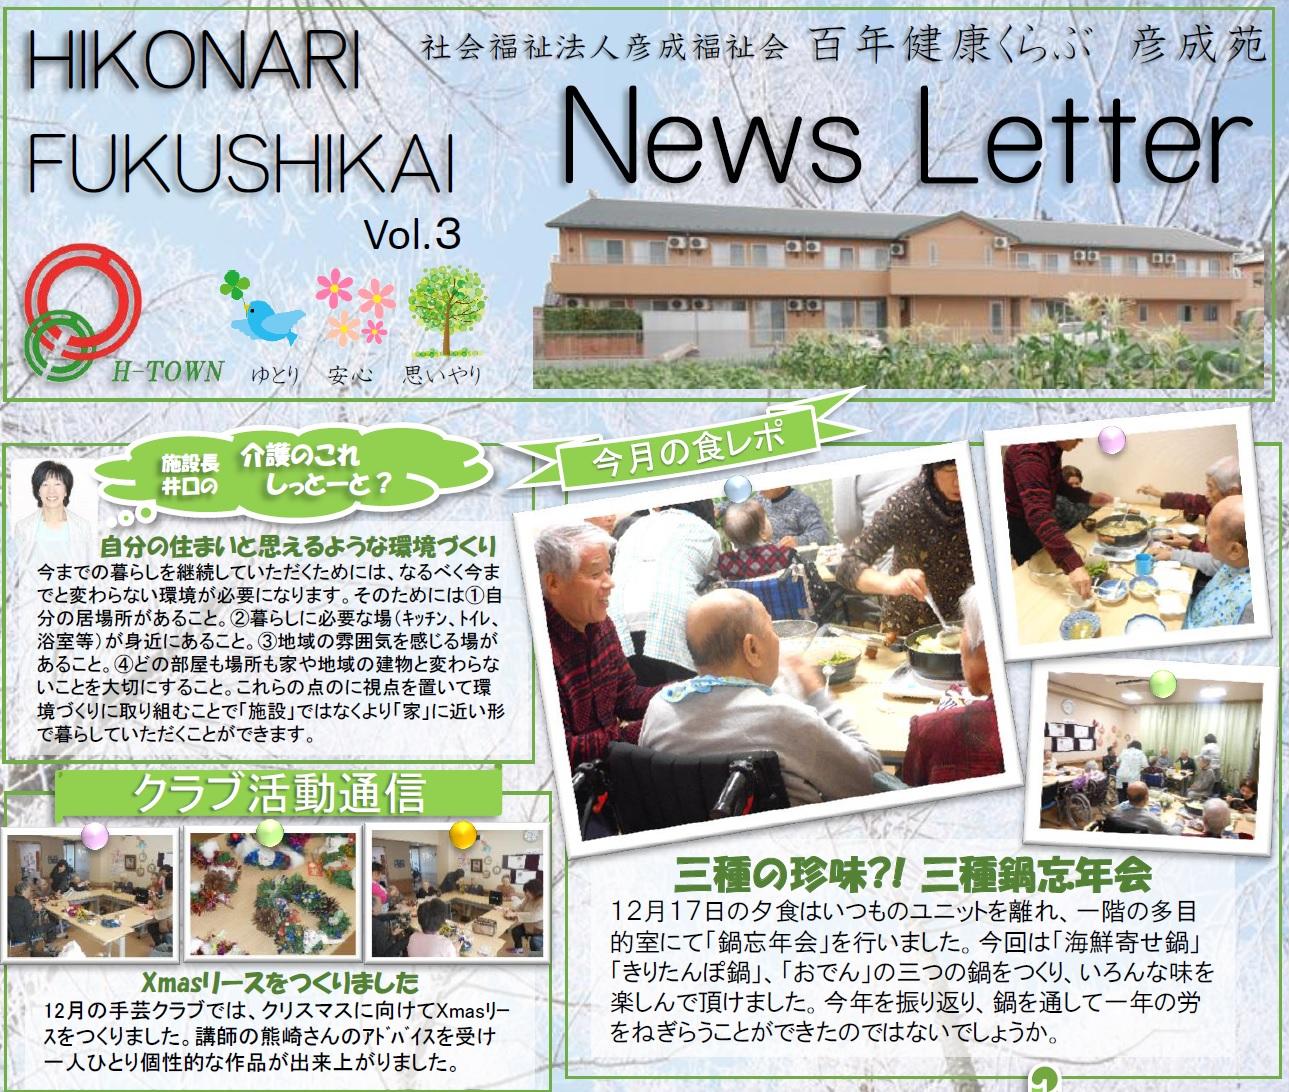 彦成福祉会ニュースレター